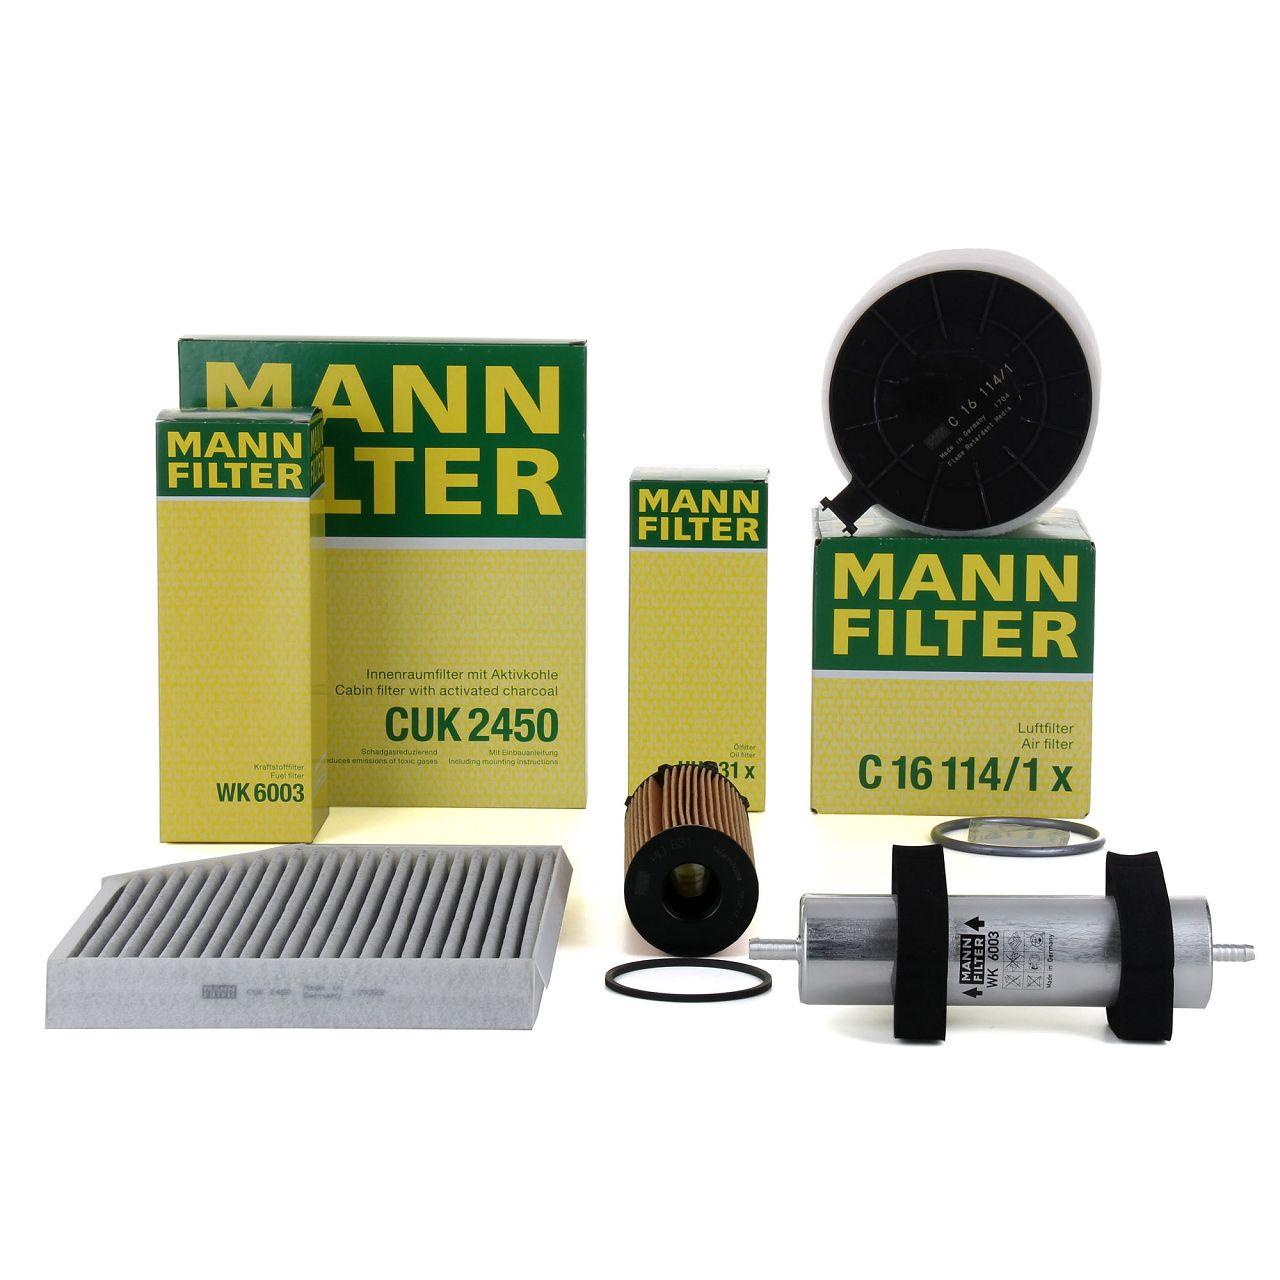 MANN Filterset für AUDI A4 (8K B8) A5 (8T 8F) 2.7 TDI 3.0 TDI 163/190/240 PS